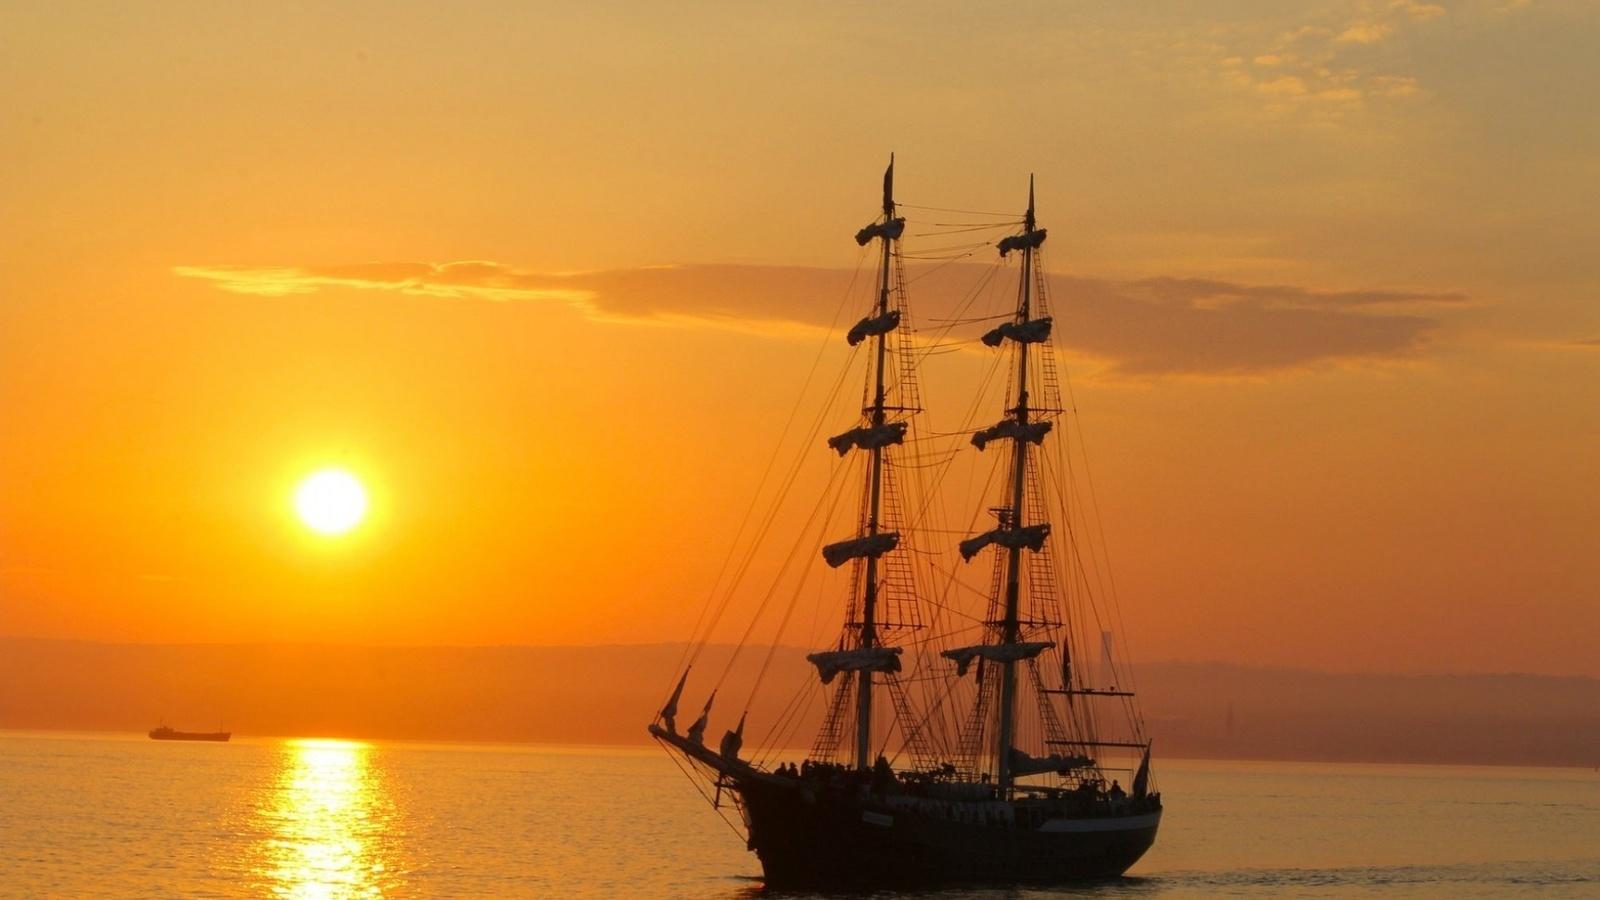 фотографии кораблей на солнце защиты